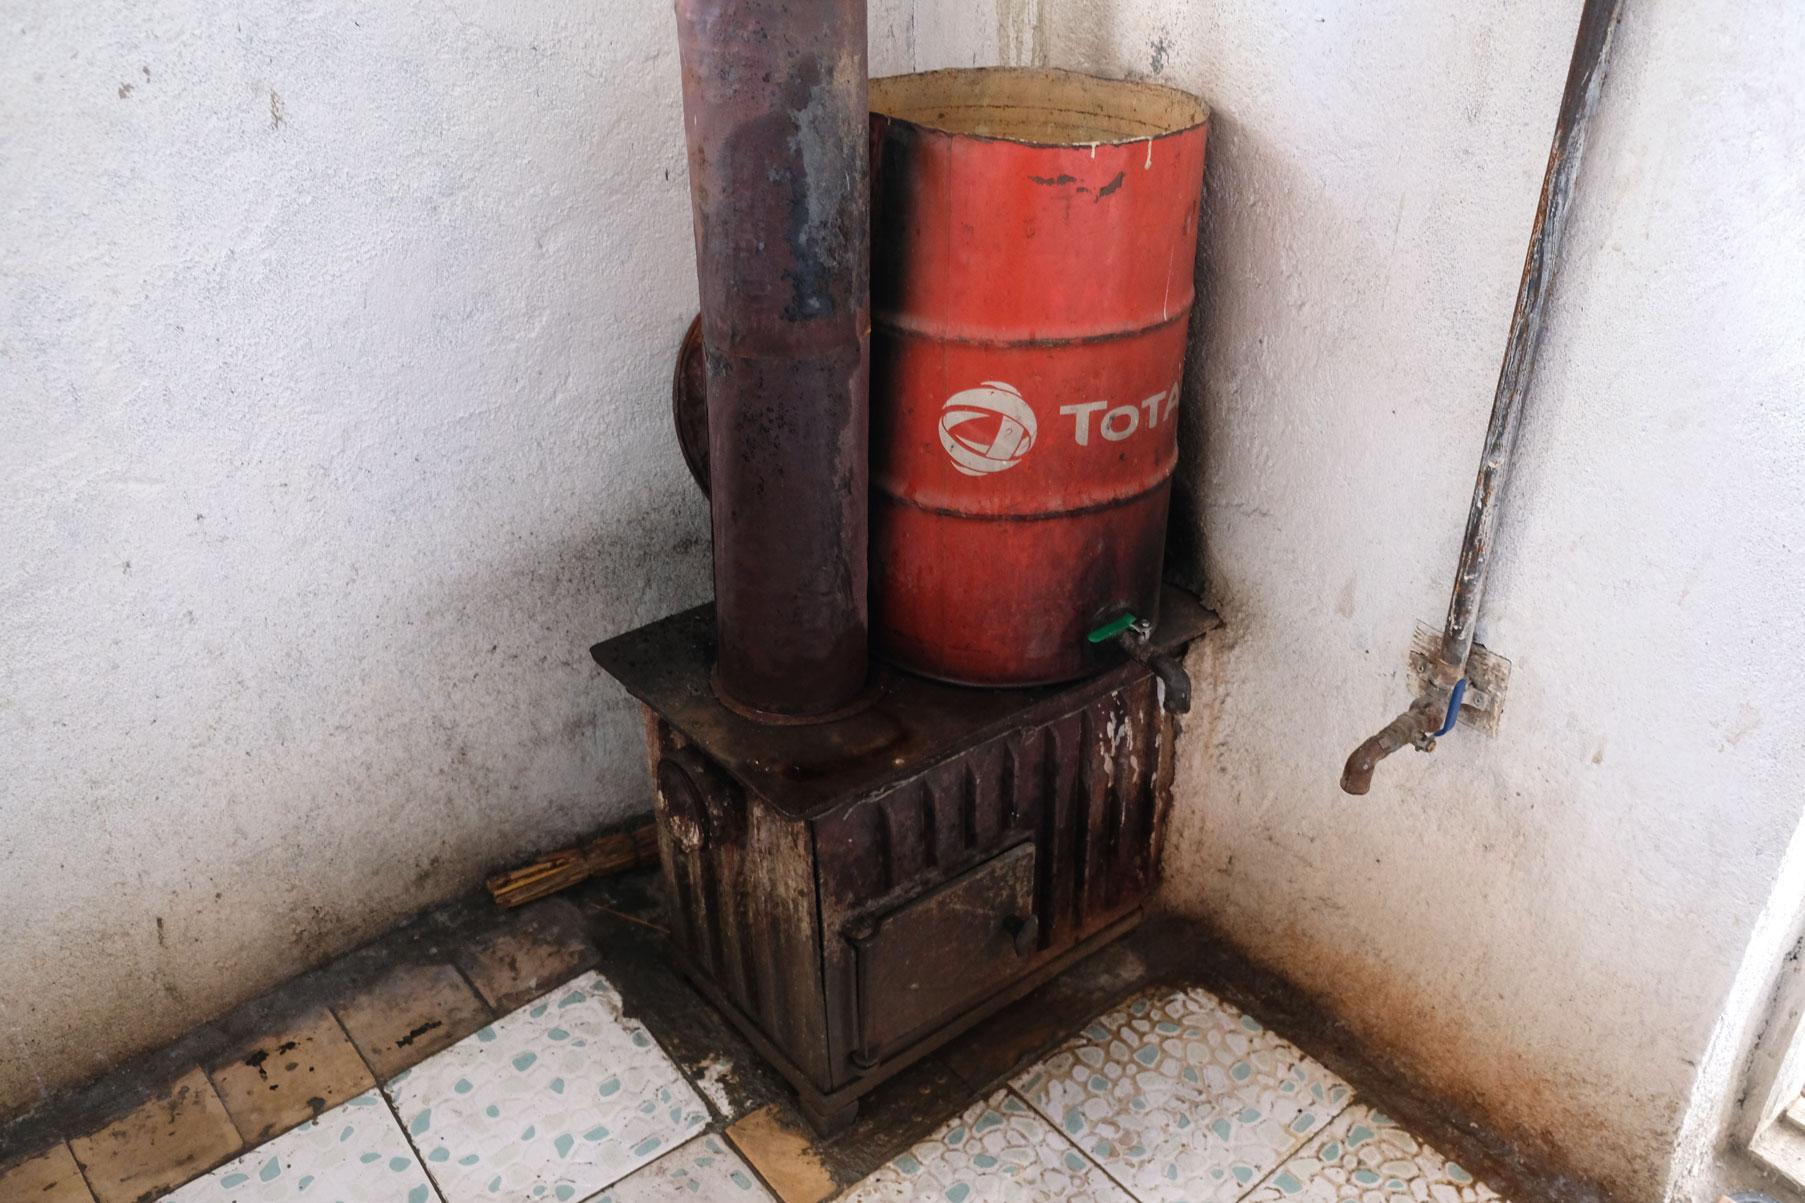 Ein Holzofen auf dem ein Fass steht. An der Wand verläuft ein Rohr mit Wasserhahn.